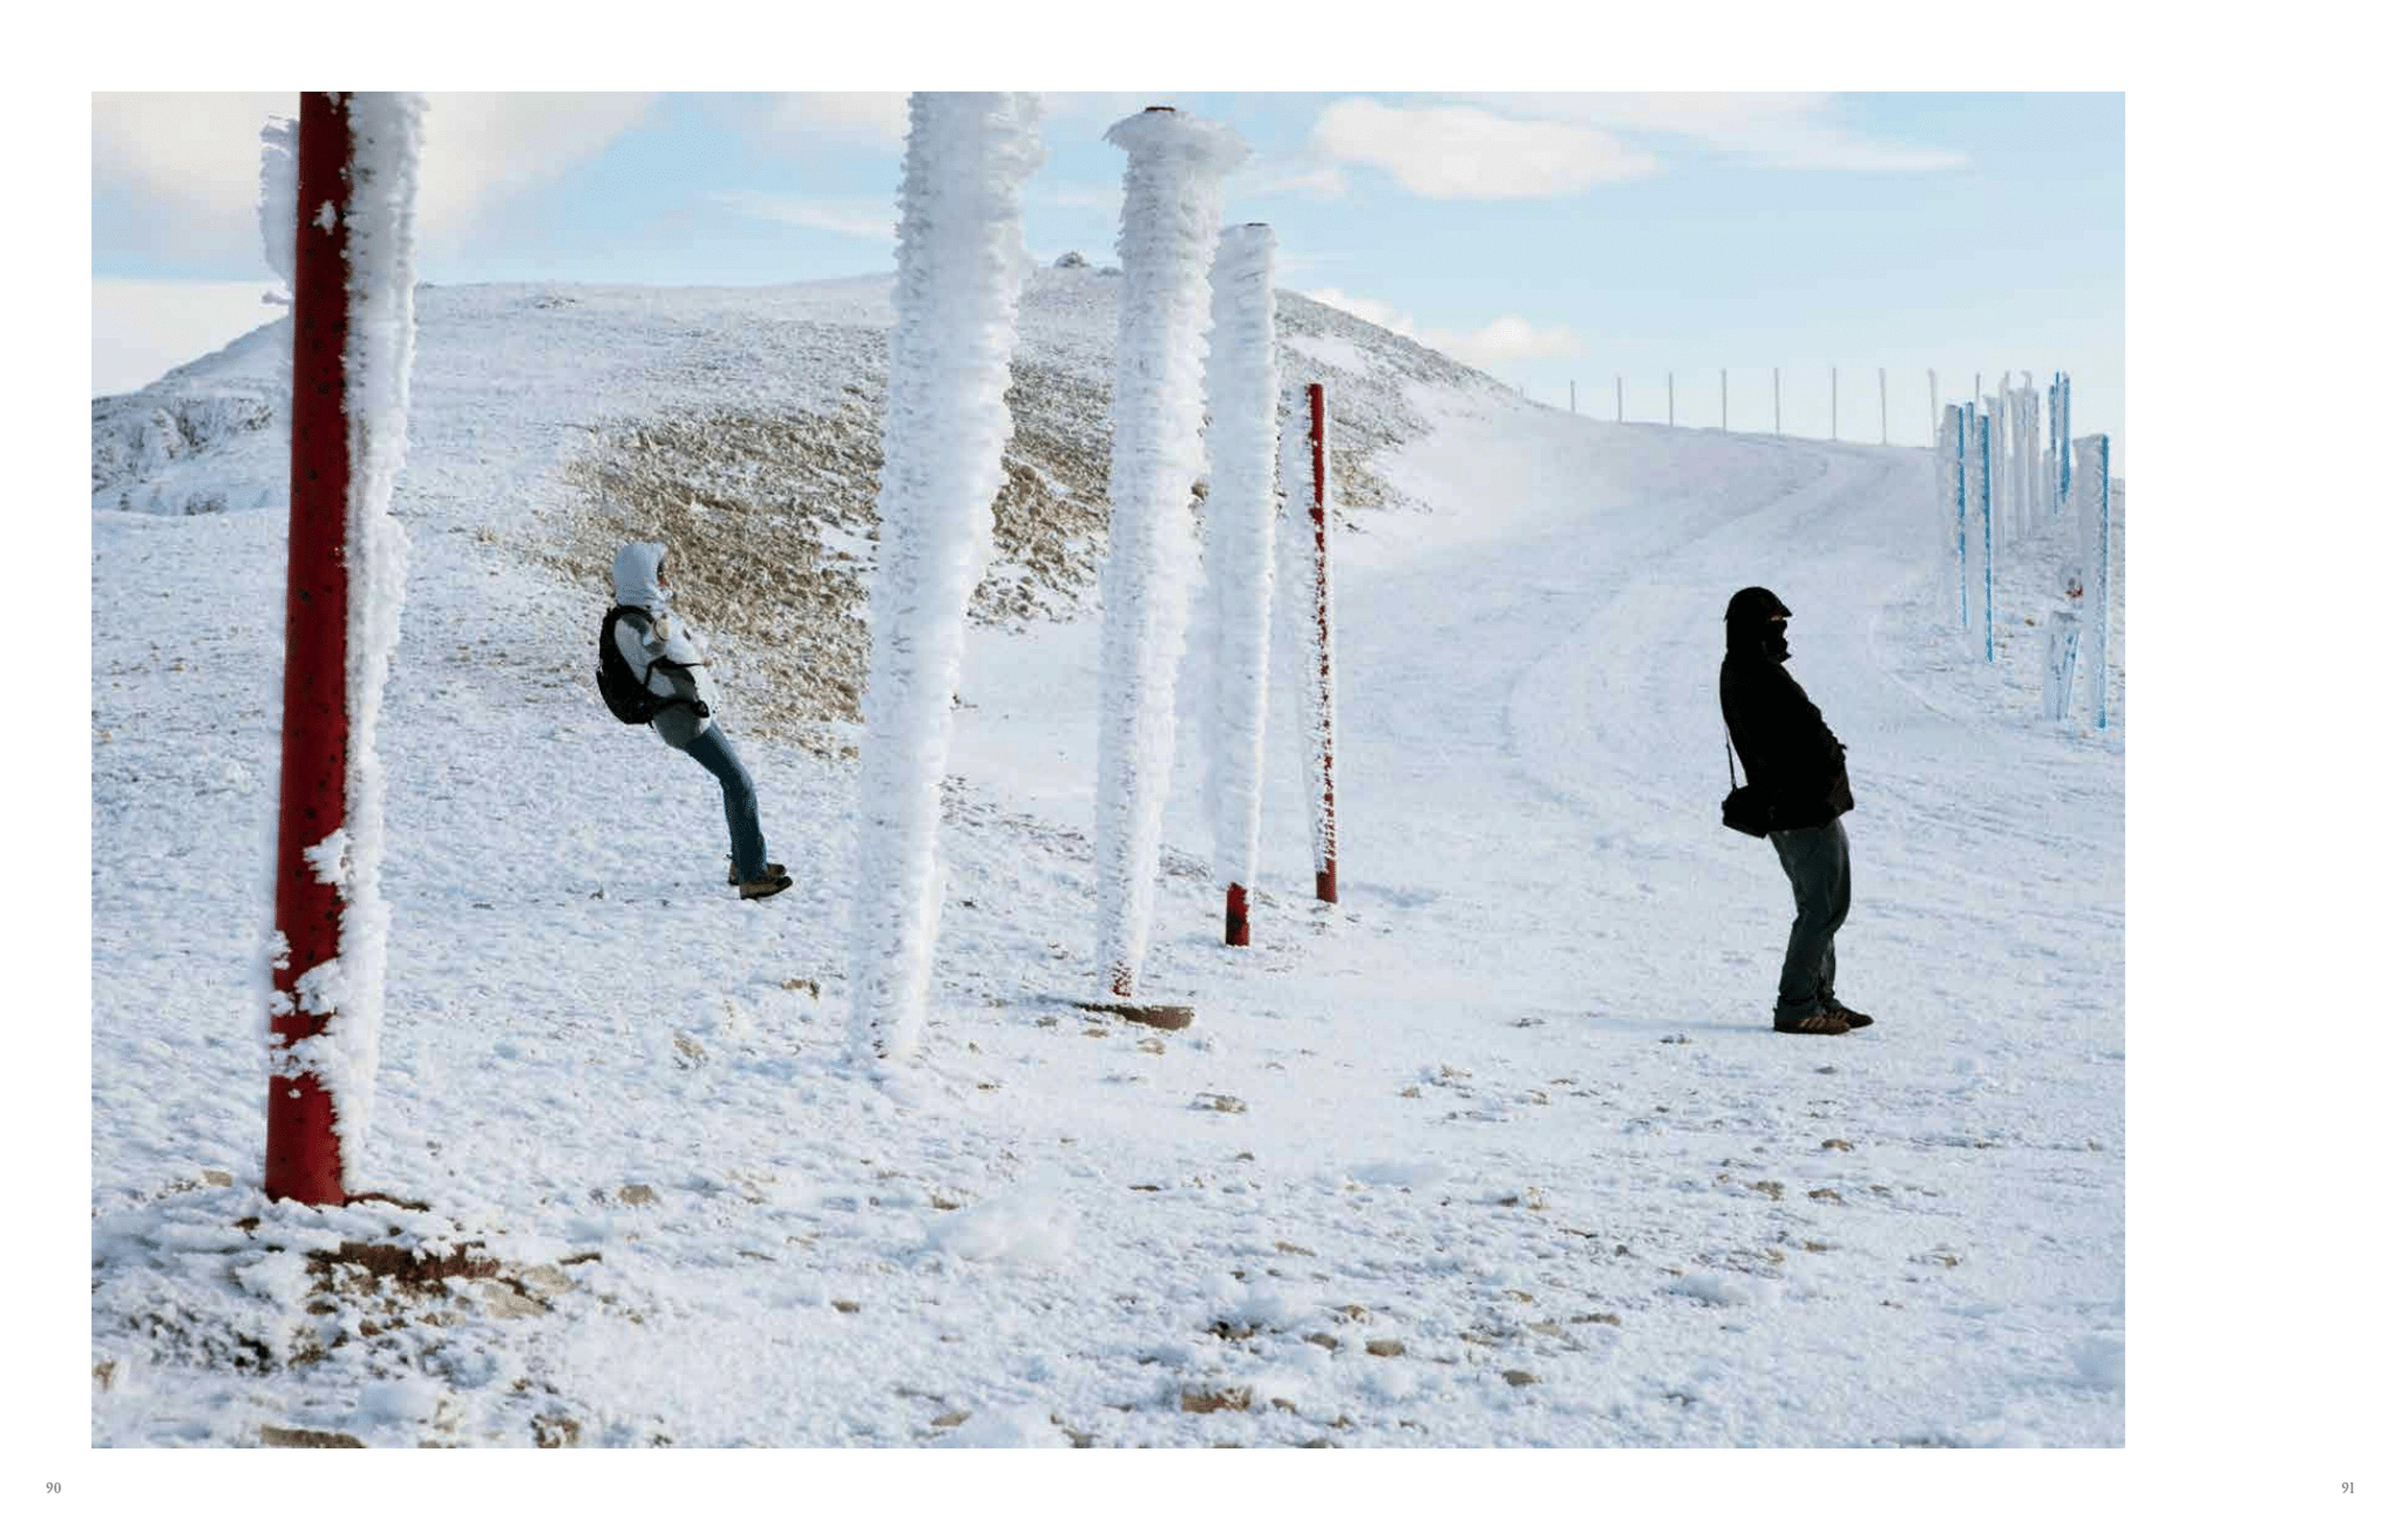 Mistral Wind Rachel Cobb Mt Ventoux